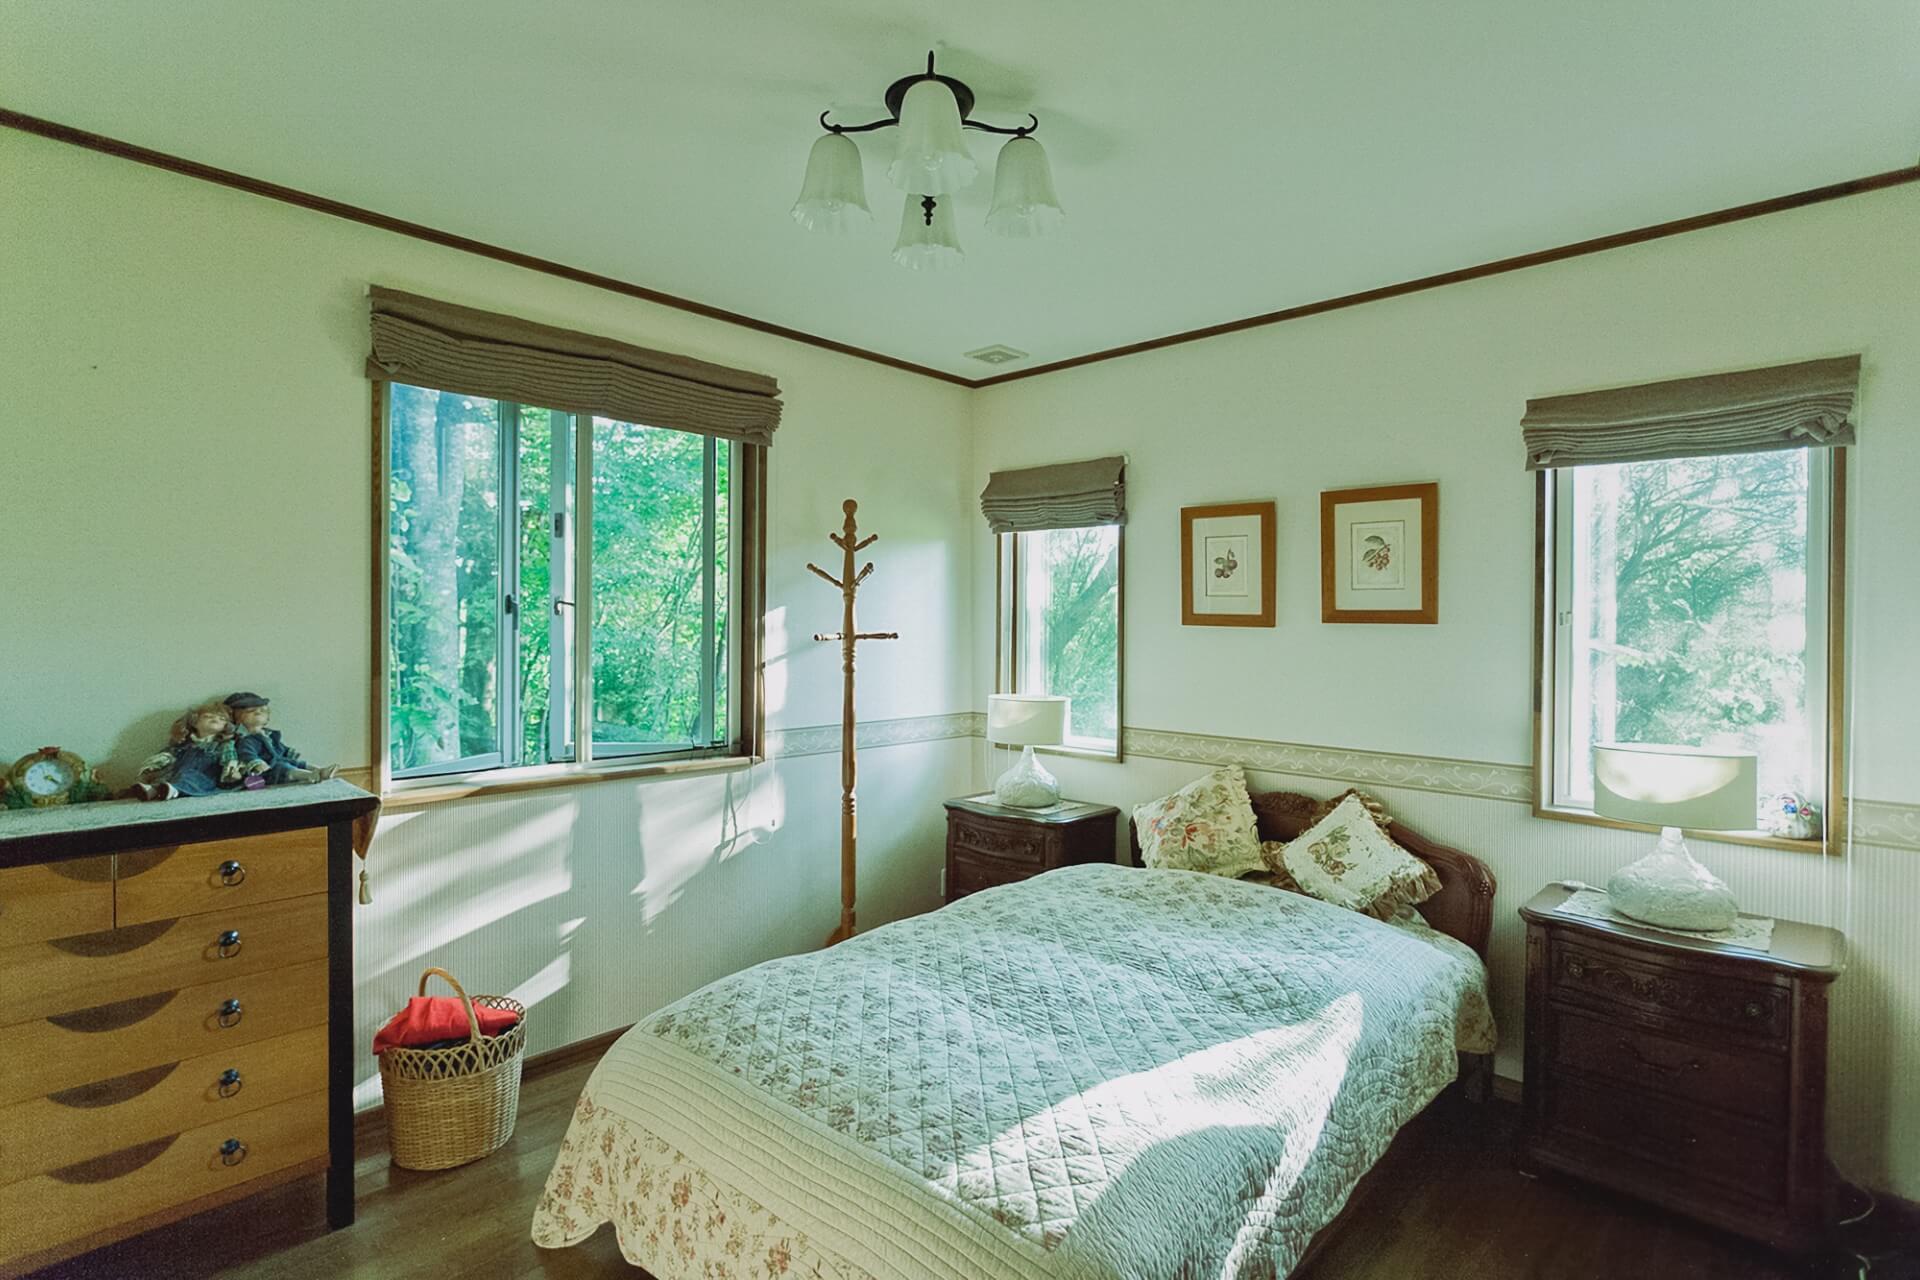 朝5時半には起きて窓を開けるという吉住さん。ベッドルームの窓からは広葉樹の林と草原が見え、時にはキジも飛んでくるそう